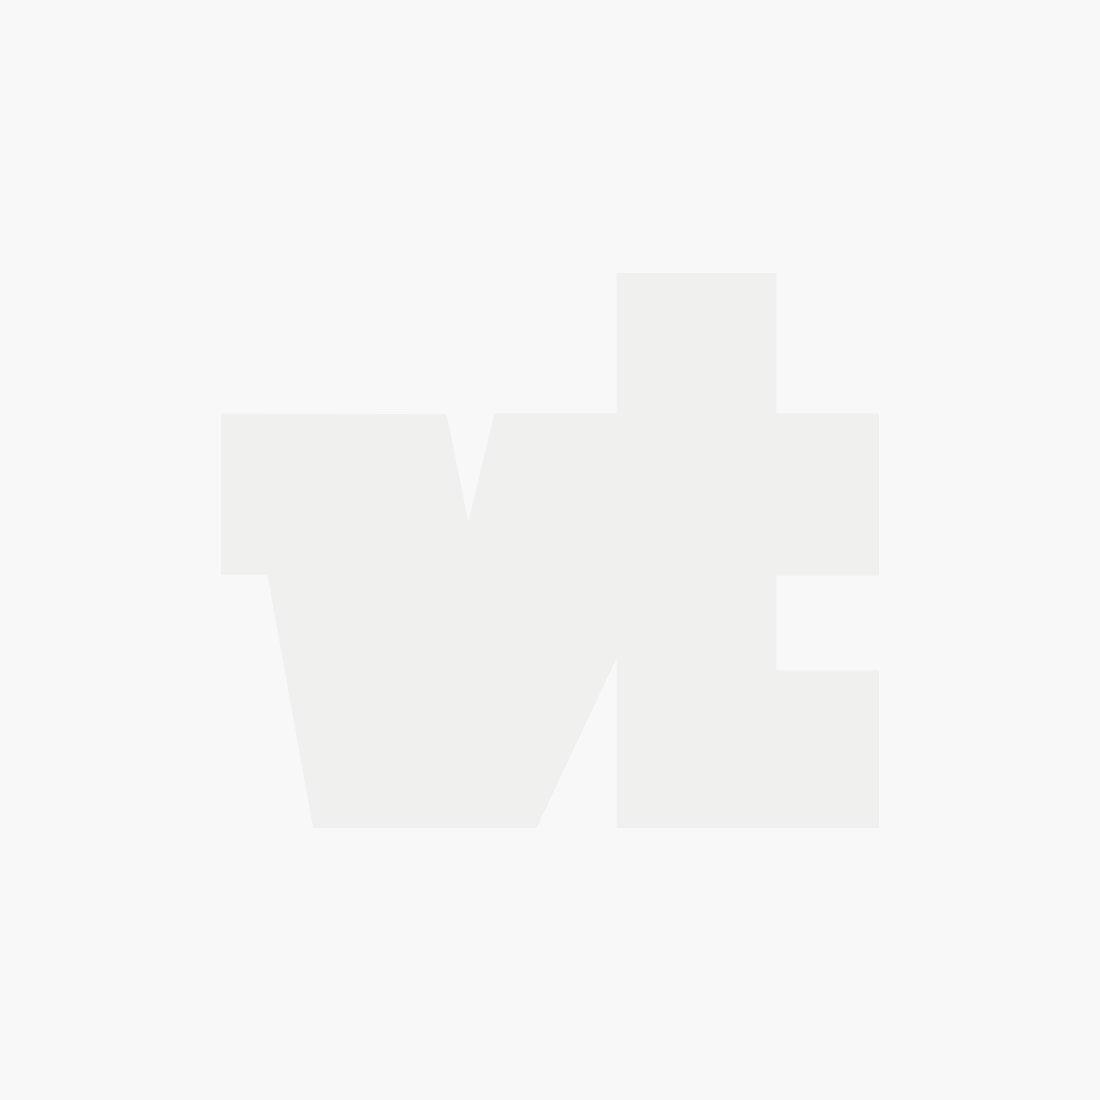 Shorts stonebleach denim